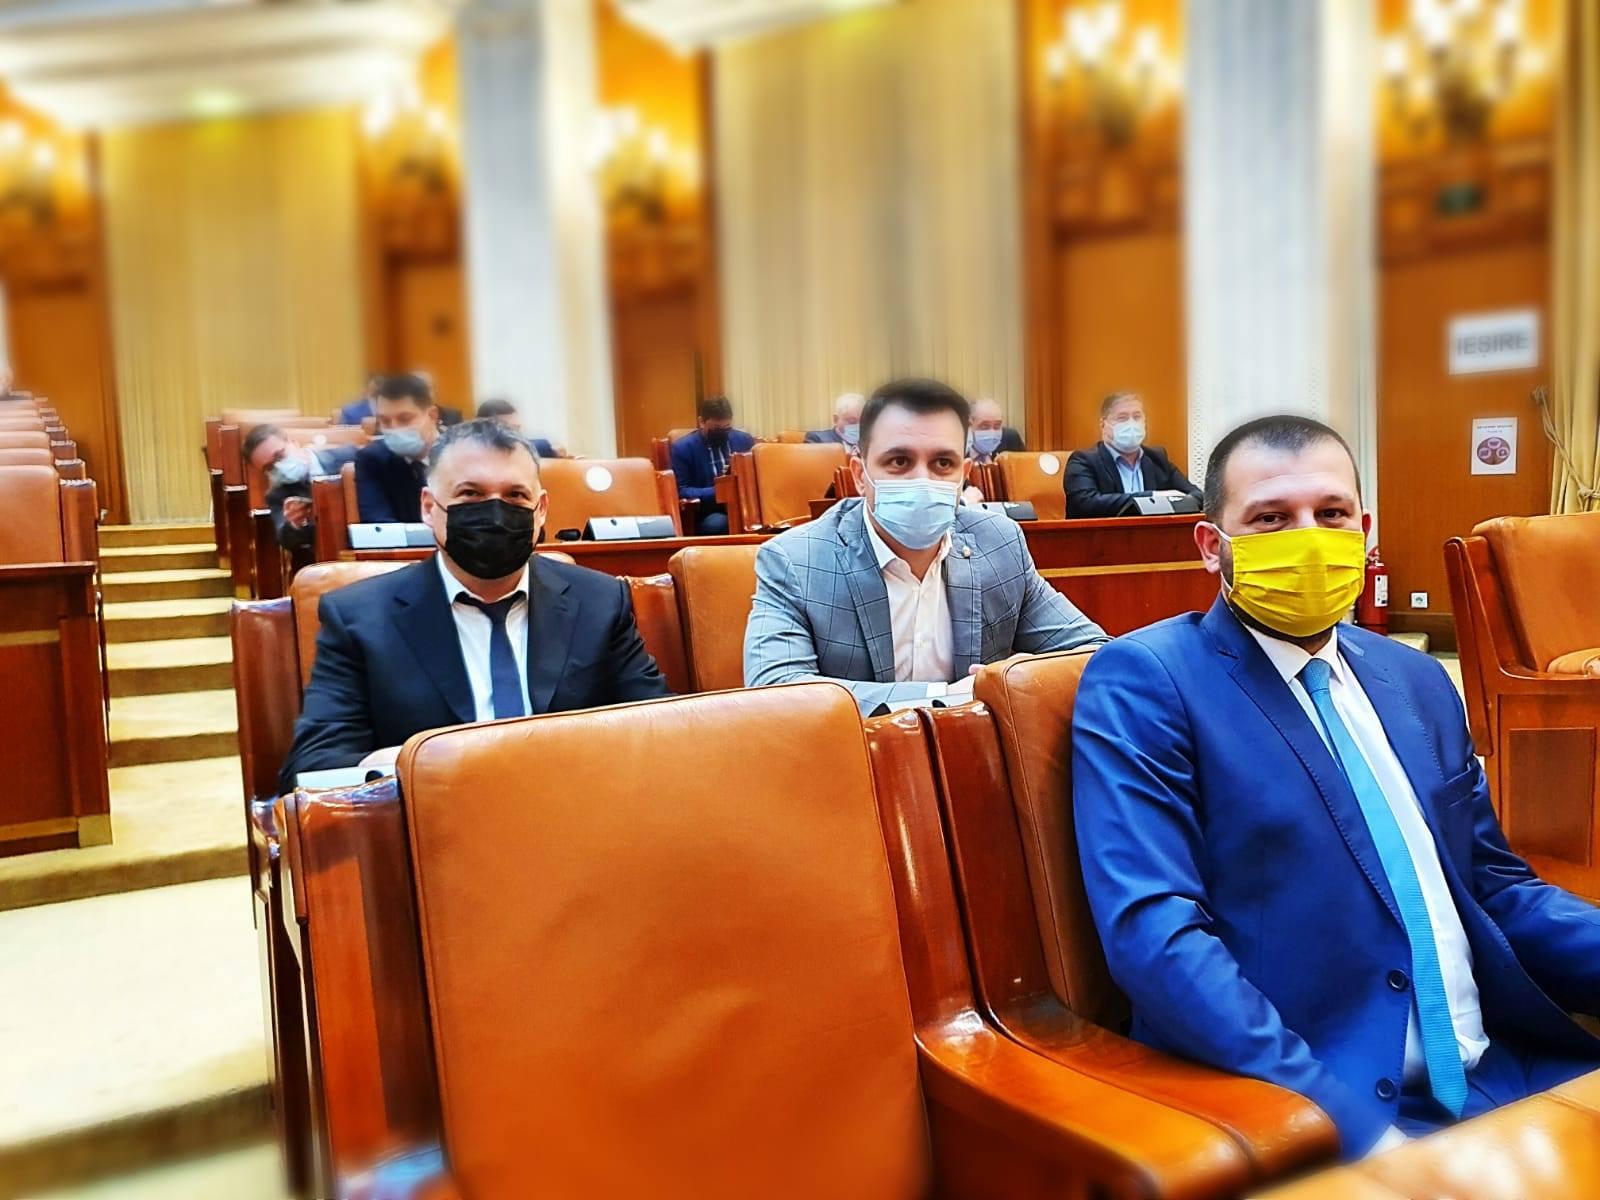 Deputatul Marian Crușoveanu (centru) în Parlamentul României, alături de colegii săi, Bogdan Huțucă, președintele PNL Constanța, și Bogdan Bola